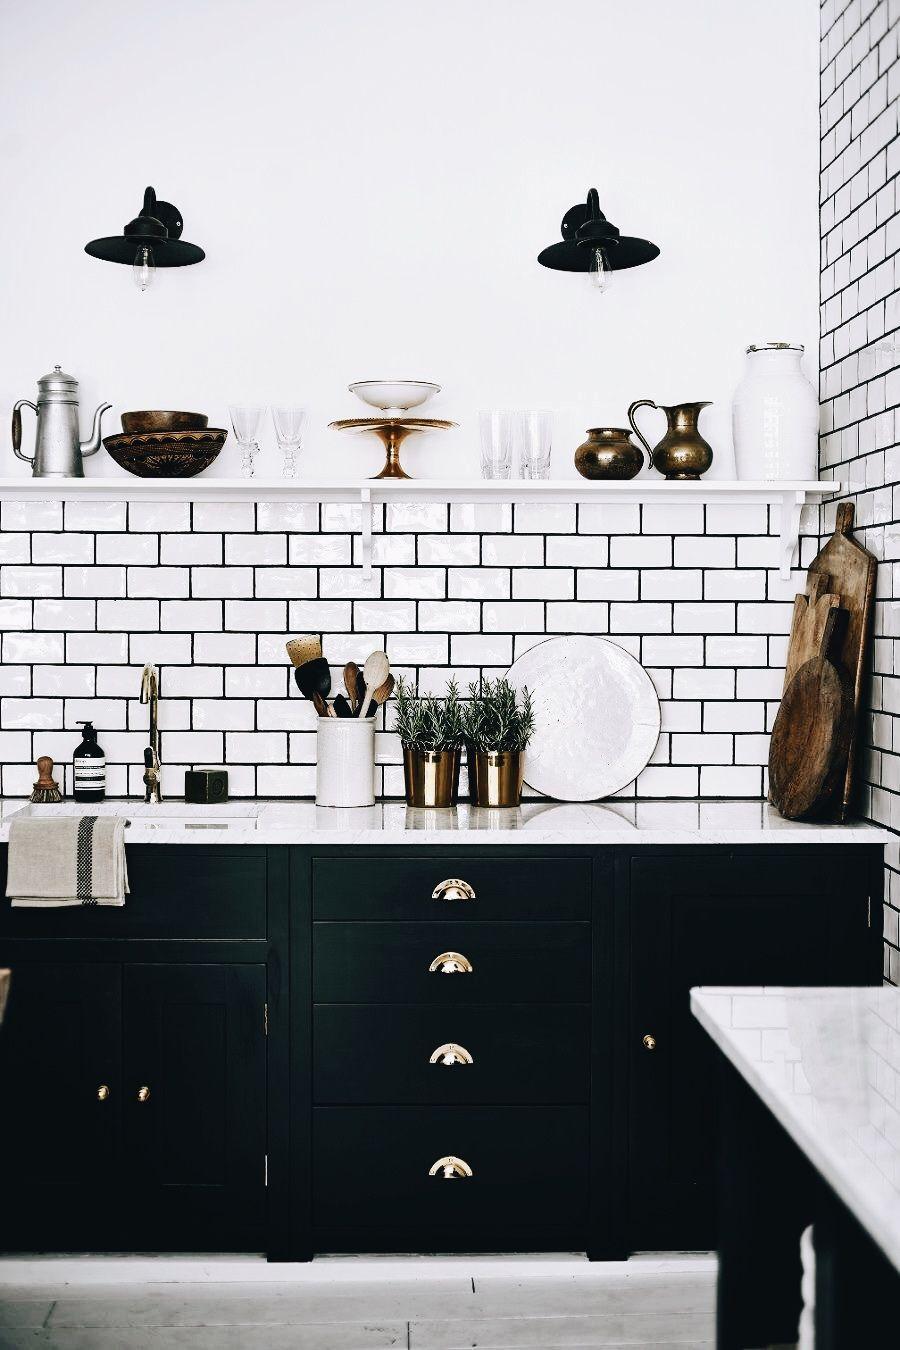 Pin By Folaa Oseni On Interior Kitchen Design Kitchen Trends Interior Design Kitchen